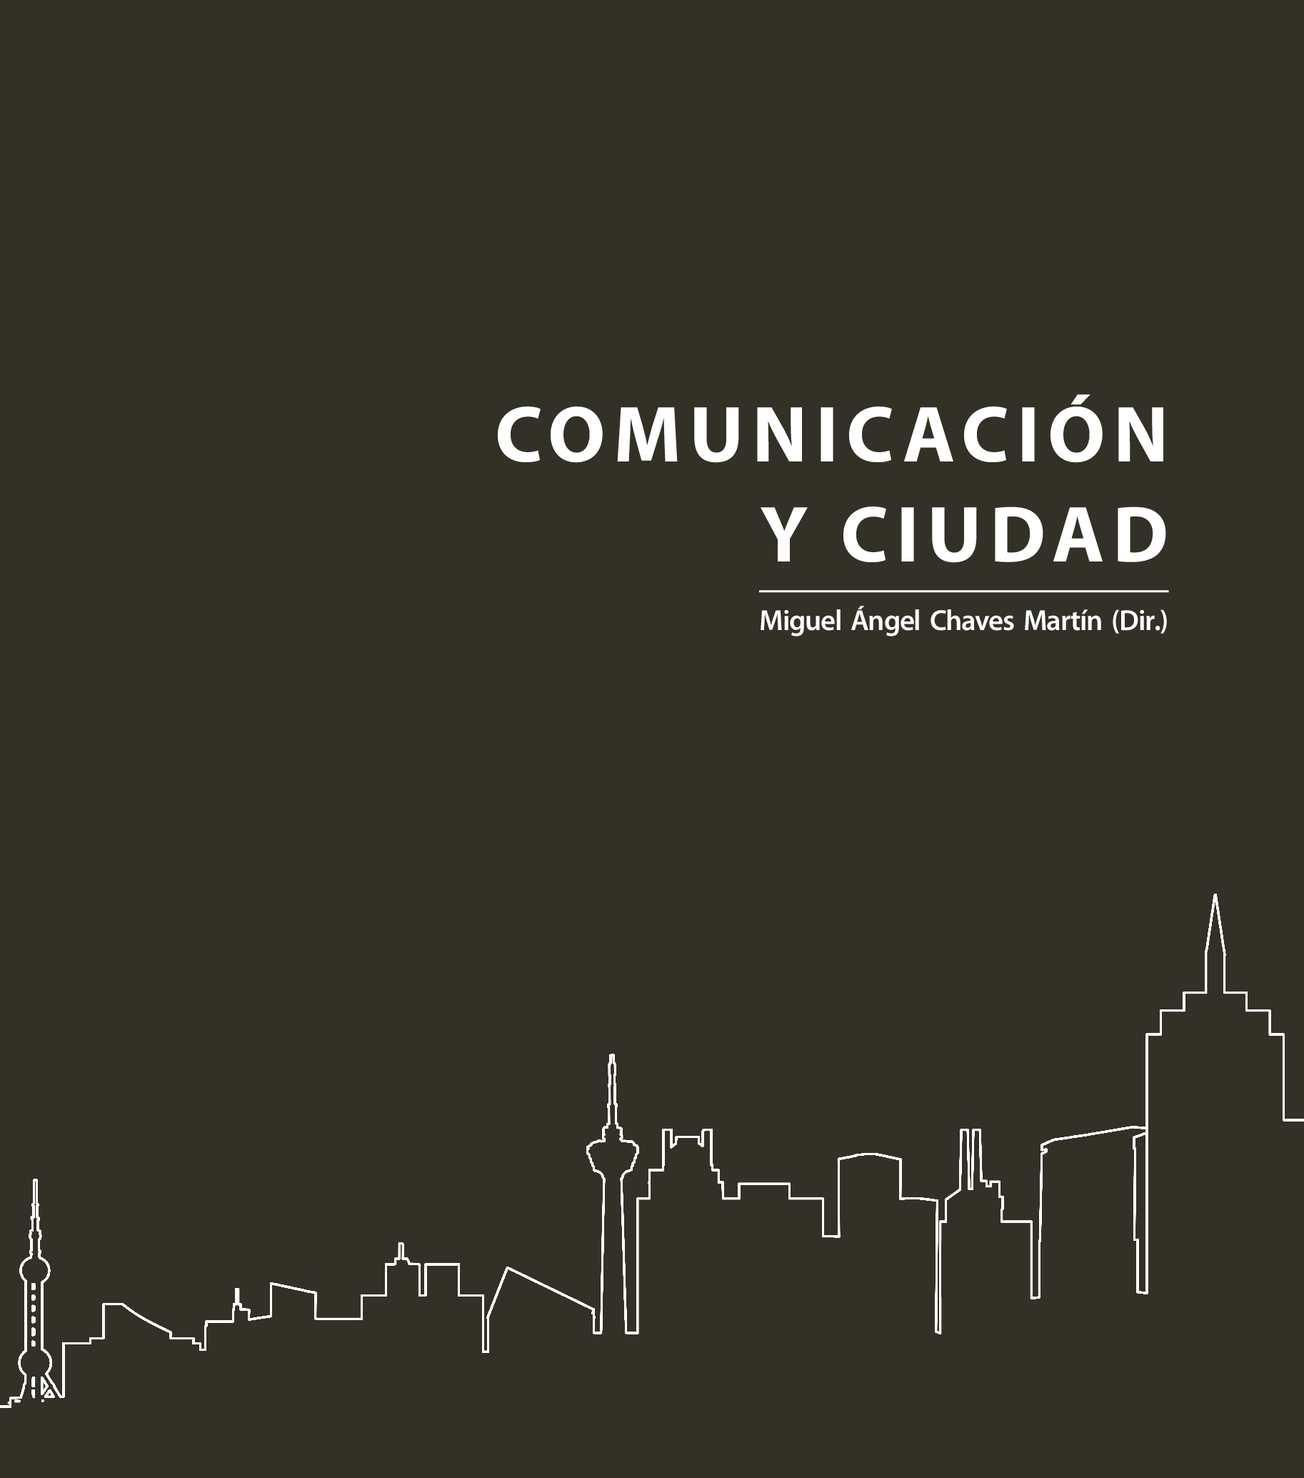 Calaméo - Comunicación y Ciudad 9d420ebd61ed